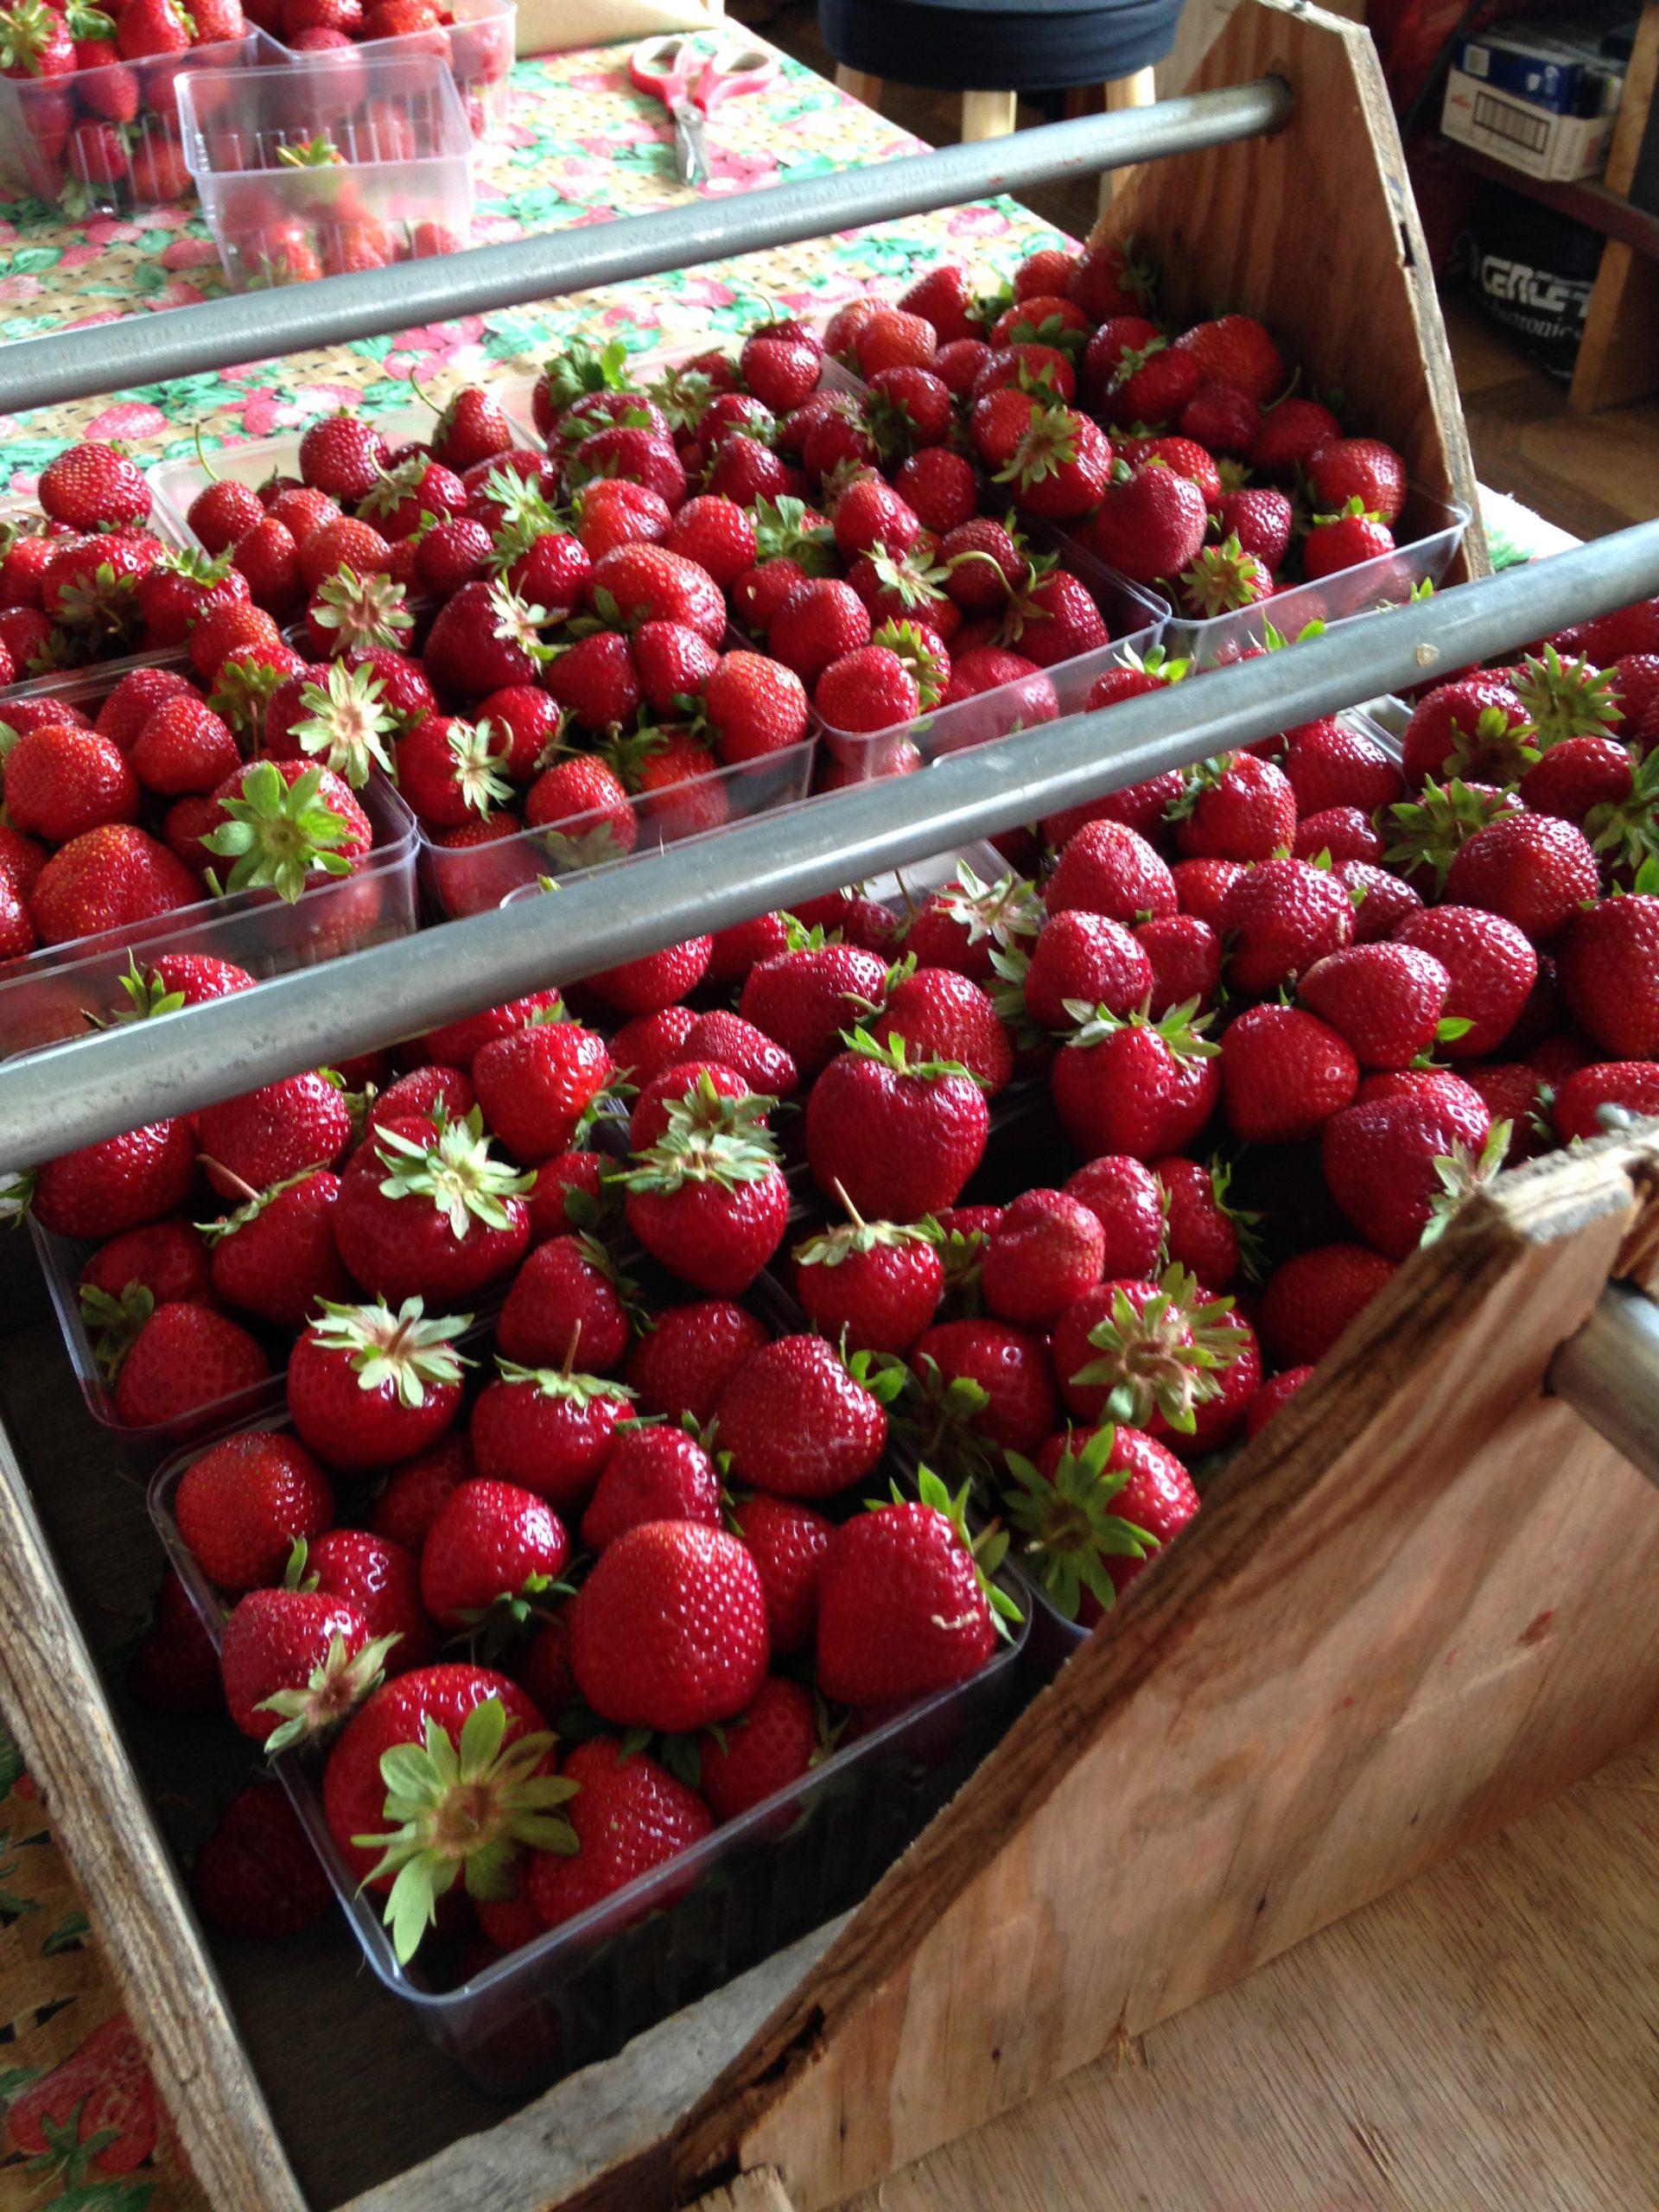 Door County pick your own strawberries in pints